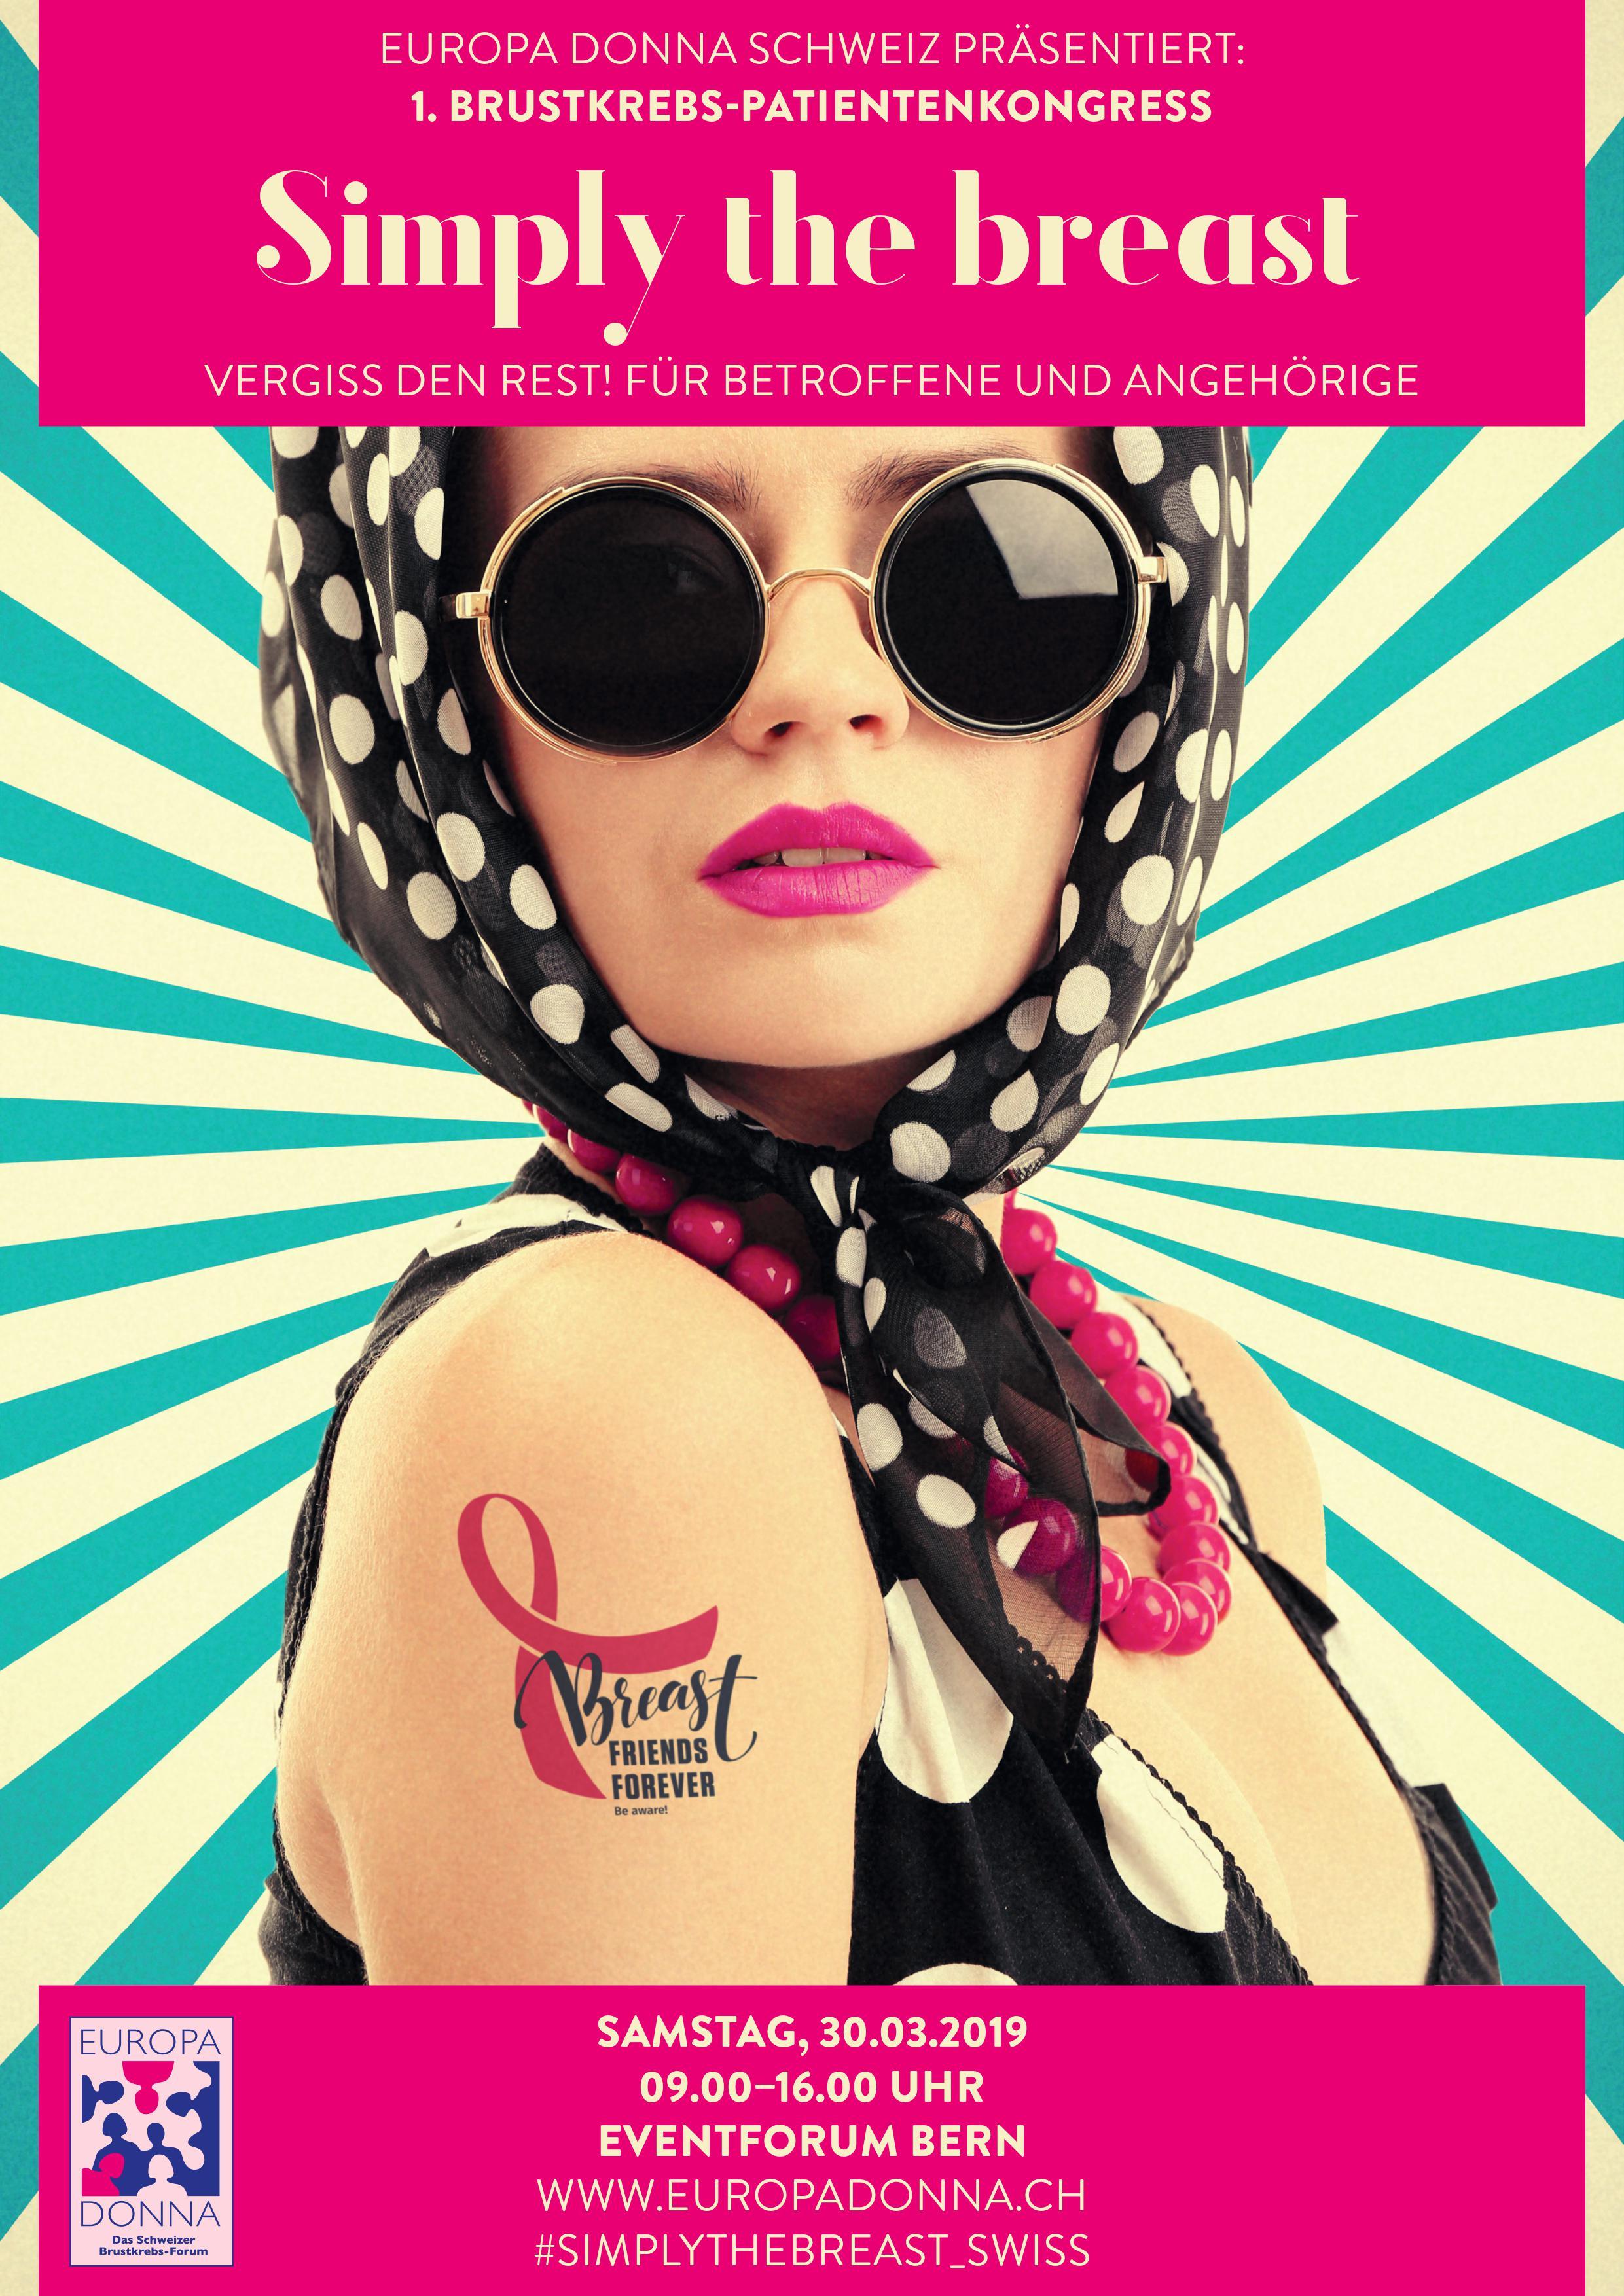 Simply the breast Flyer mit Pin Up Girl im 50er Jahre Stil mit gepunktetem Kopftuch und Sonnenbrille.